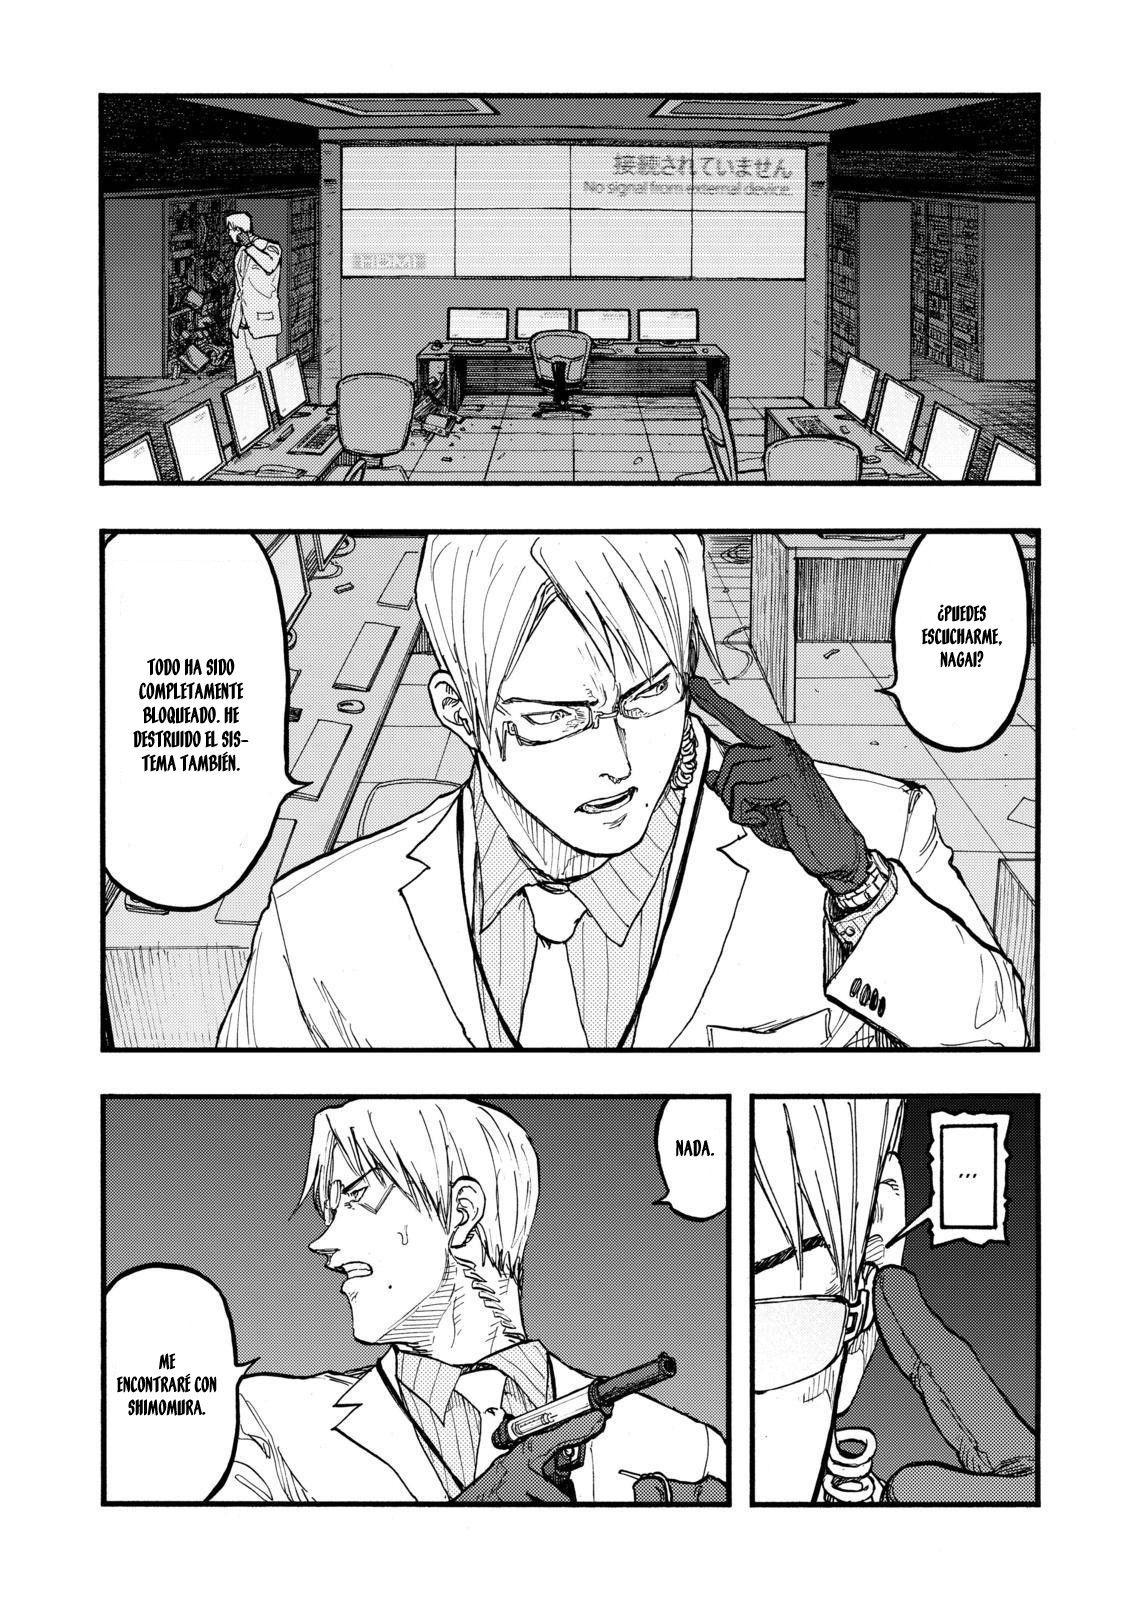 https://c5.ninemanga.com/es_manga/33/14177/483617/fe68c1592abb7b99132c2494430a53c4.jpg Page 2